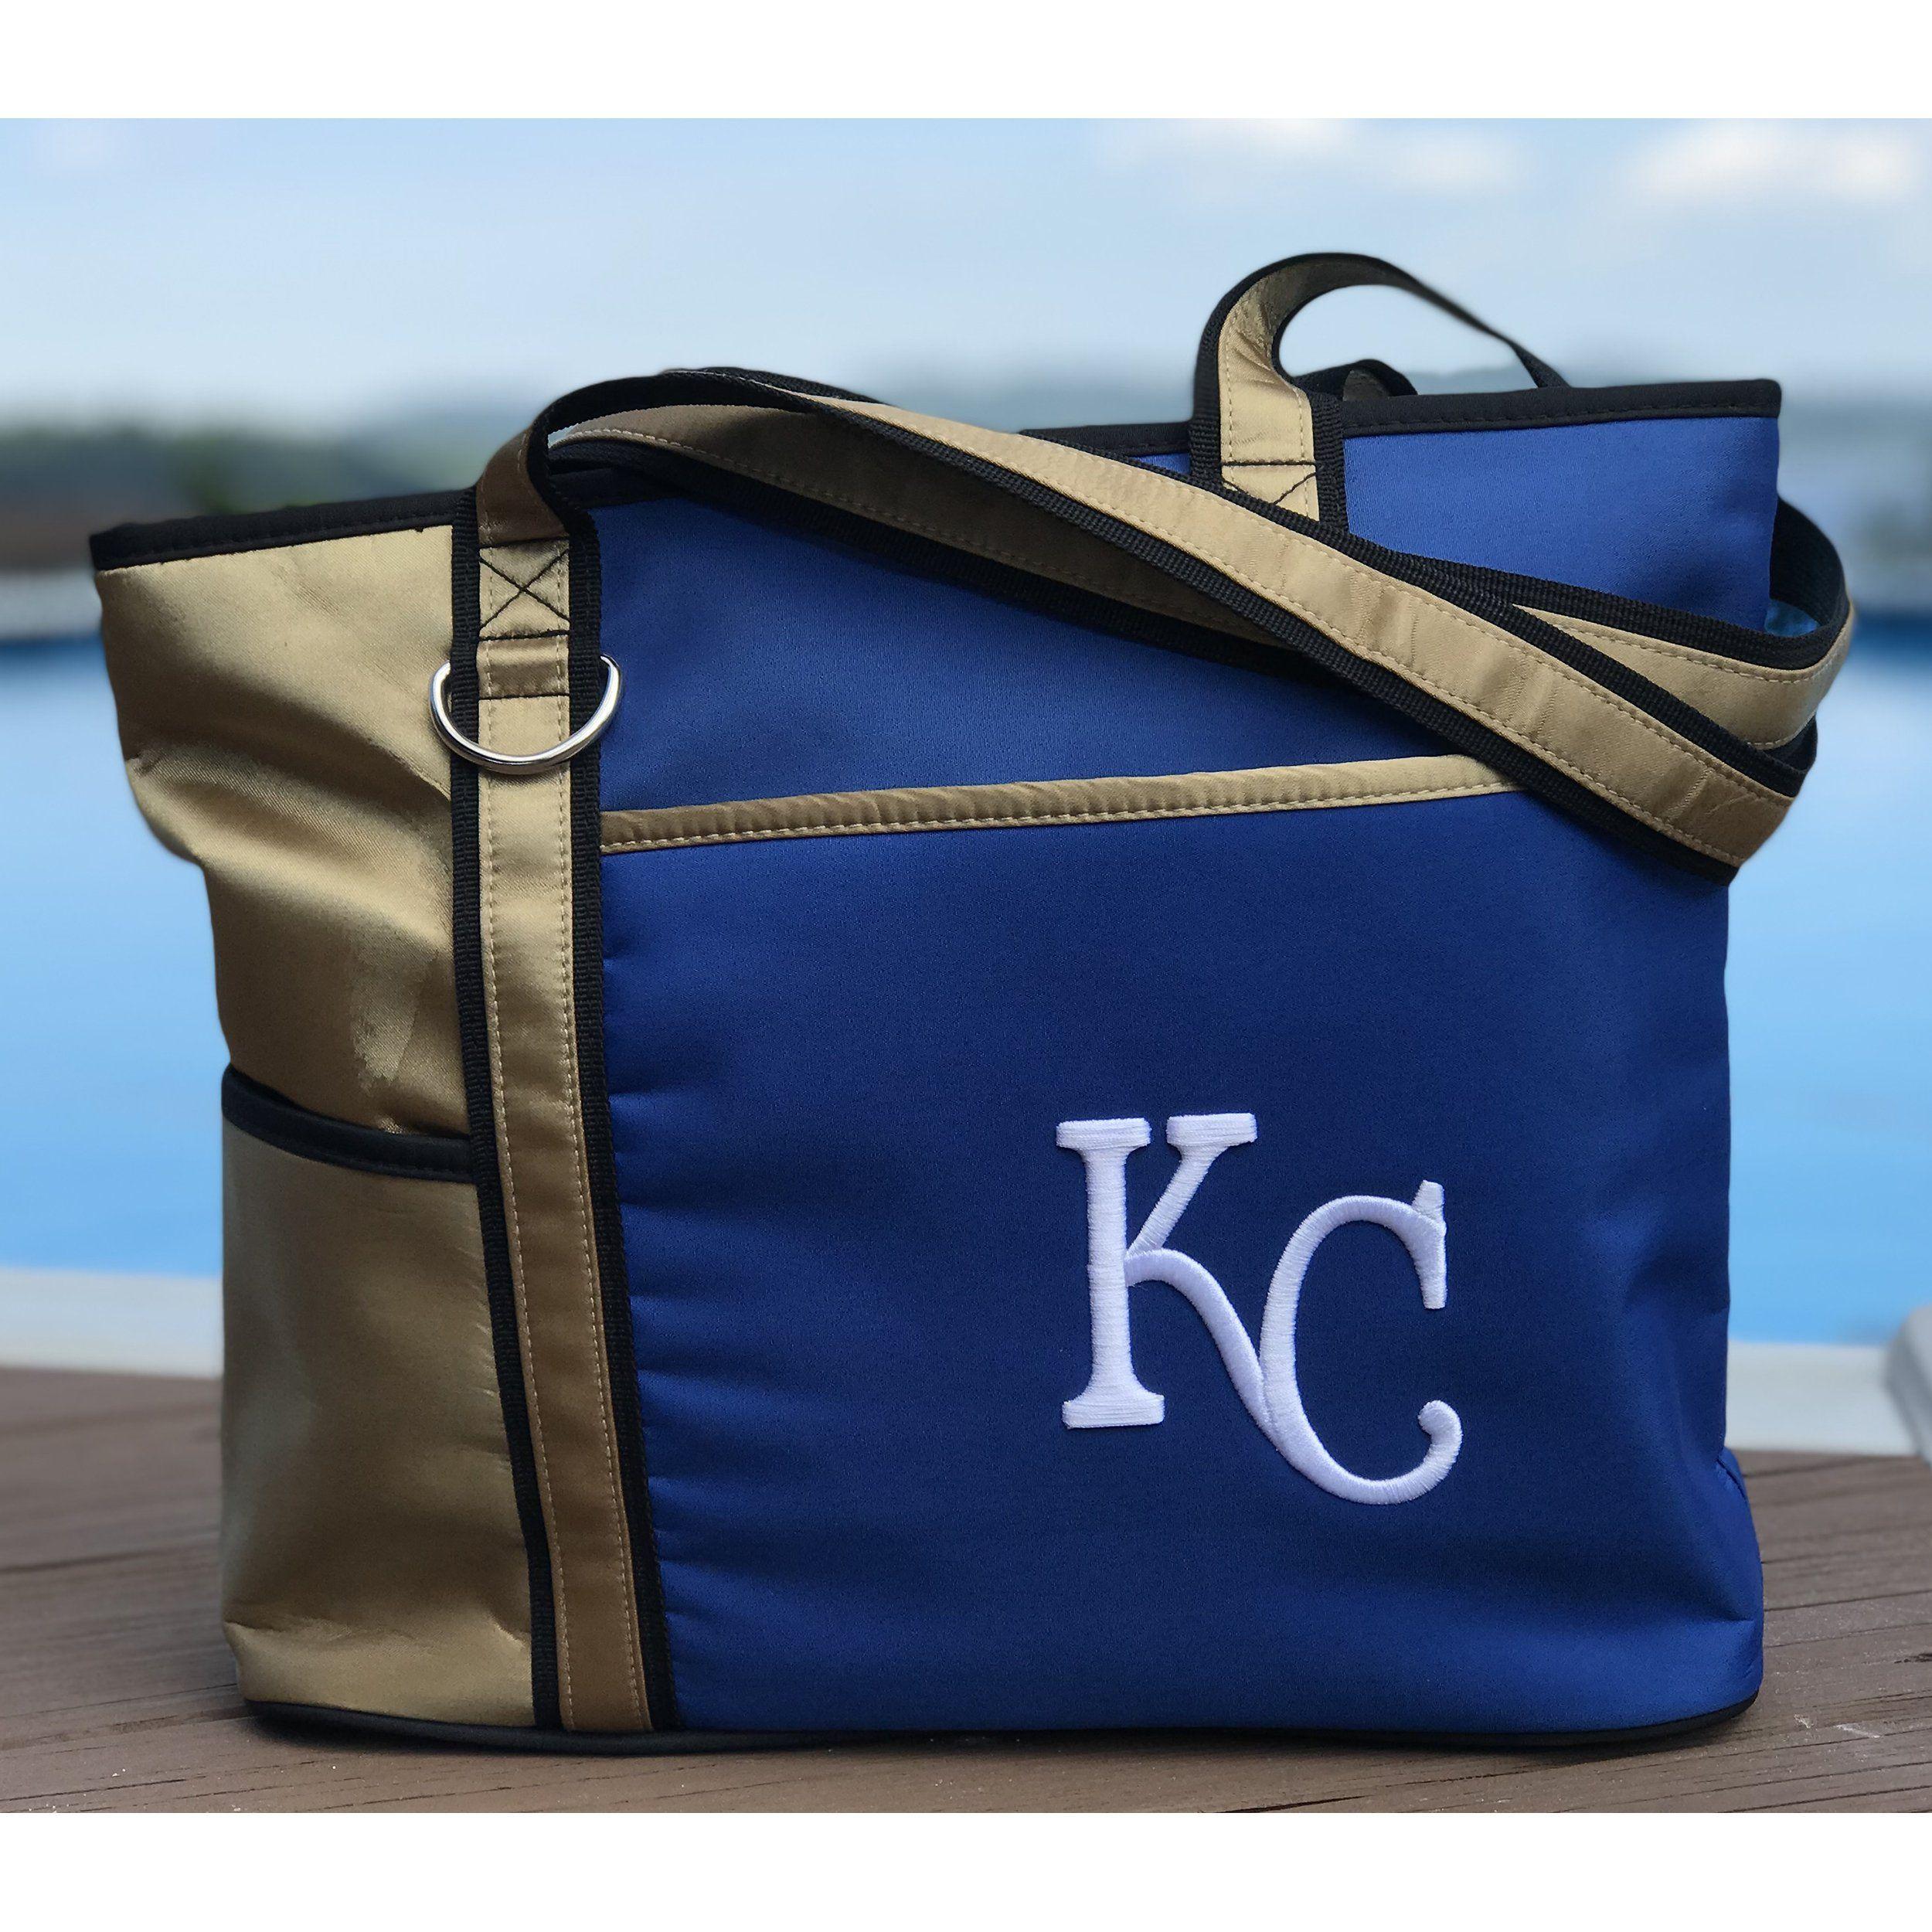 Kansas City Royals Carryall Tote Carryall tote, Carryall